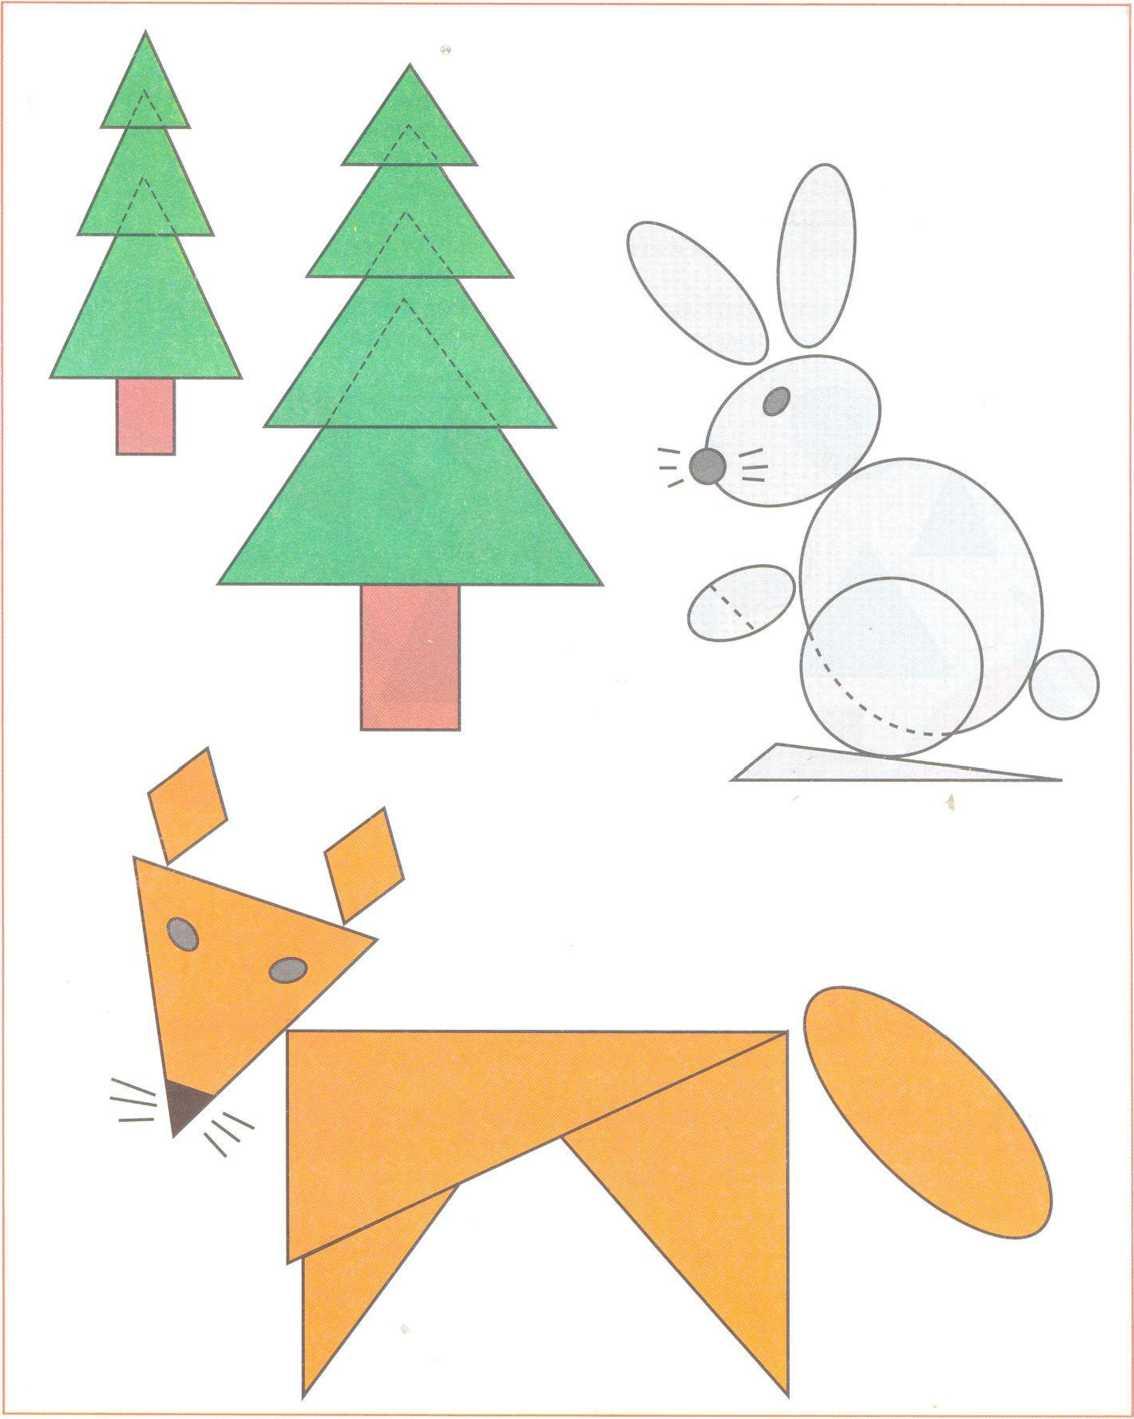 рисунки из геометрических фигур в картинках